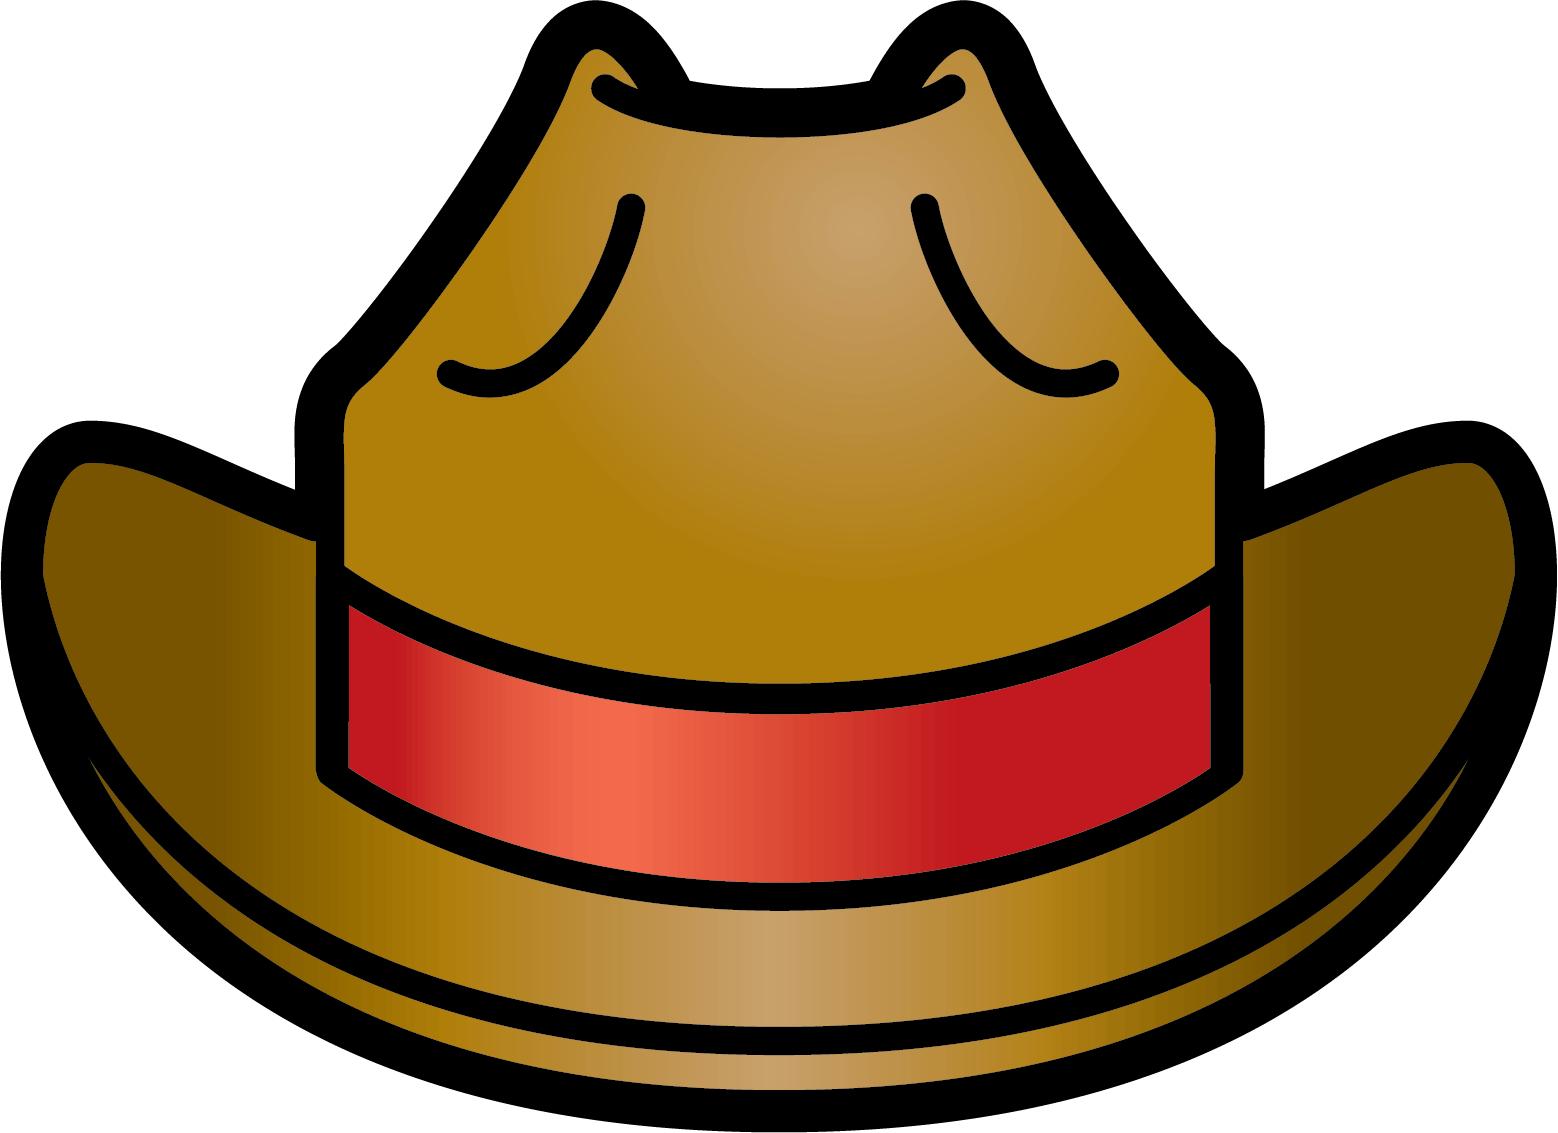 Cowboy hat clipart 3